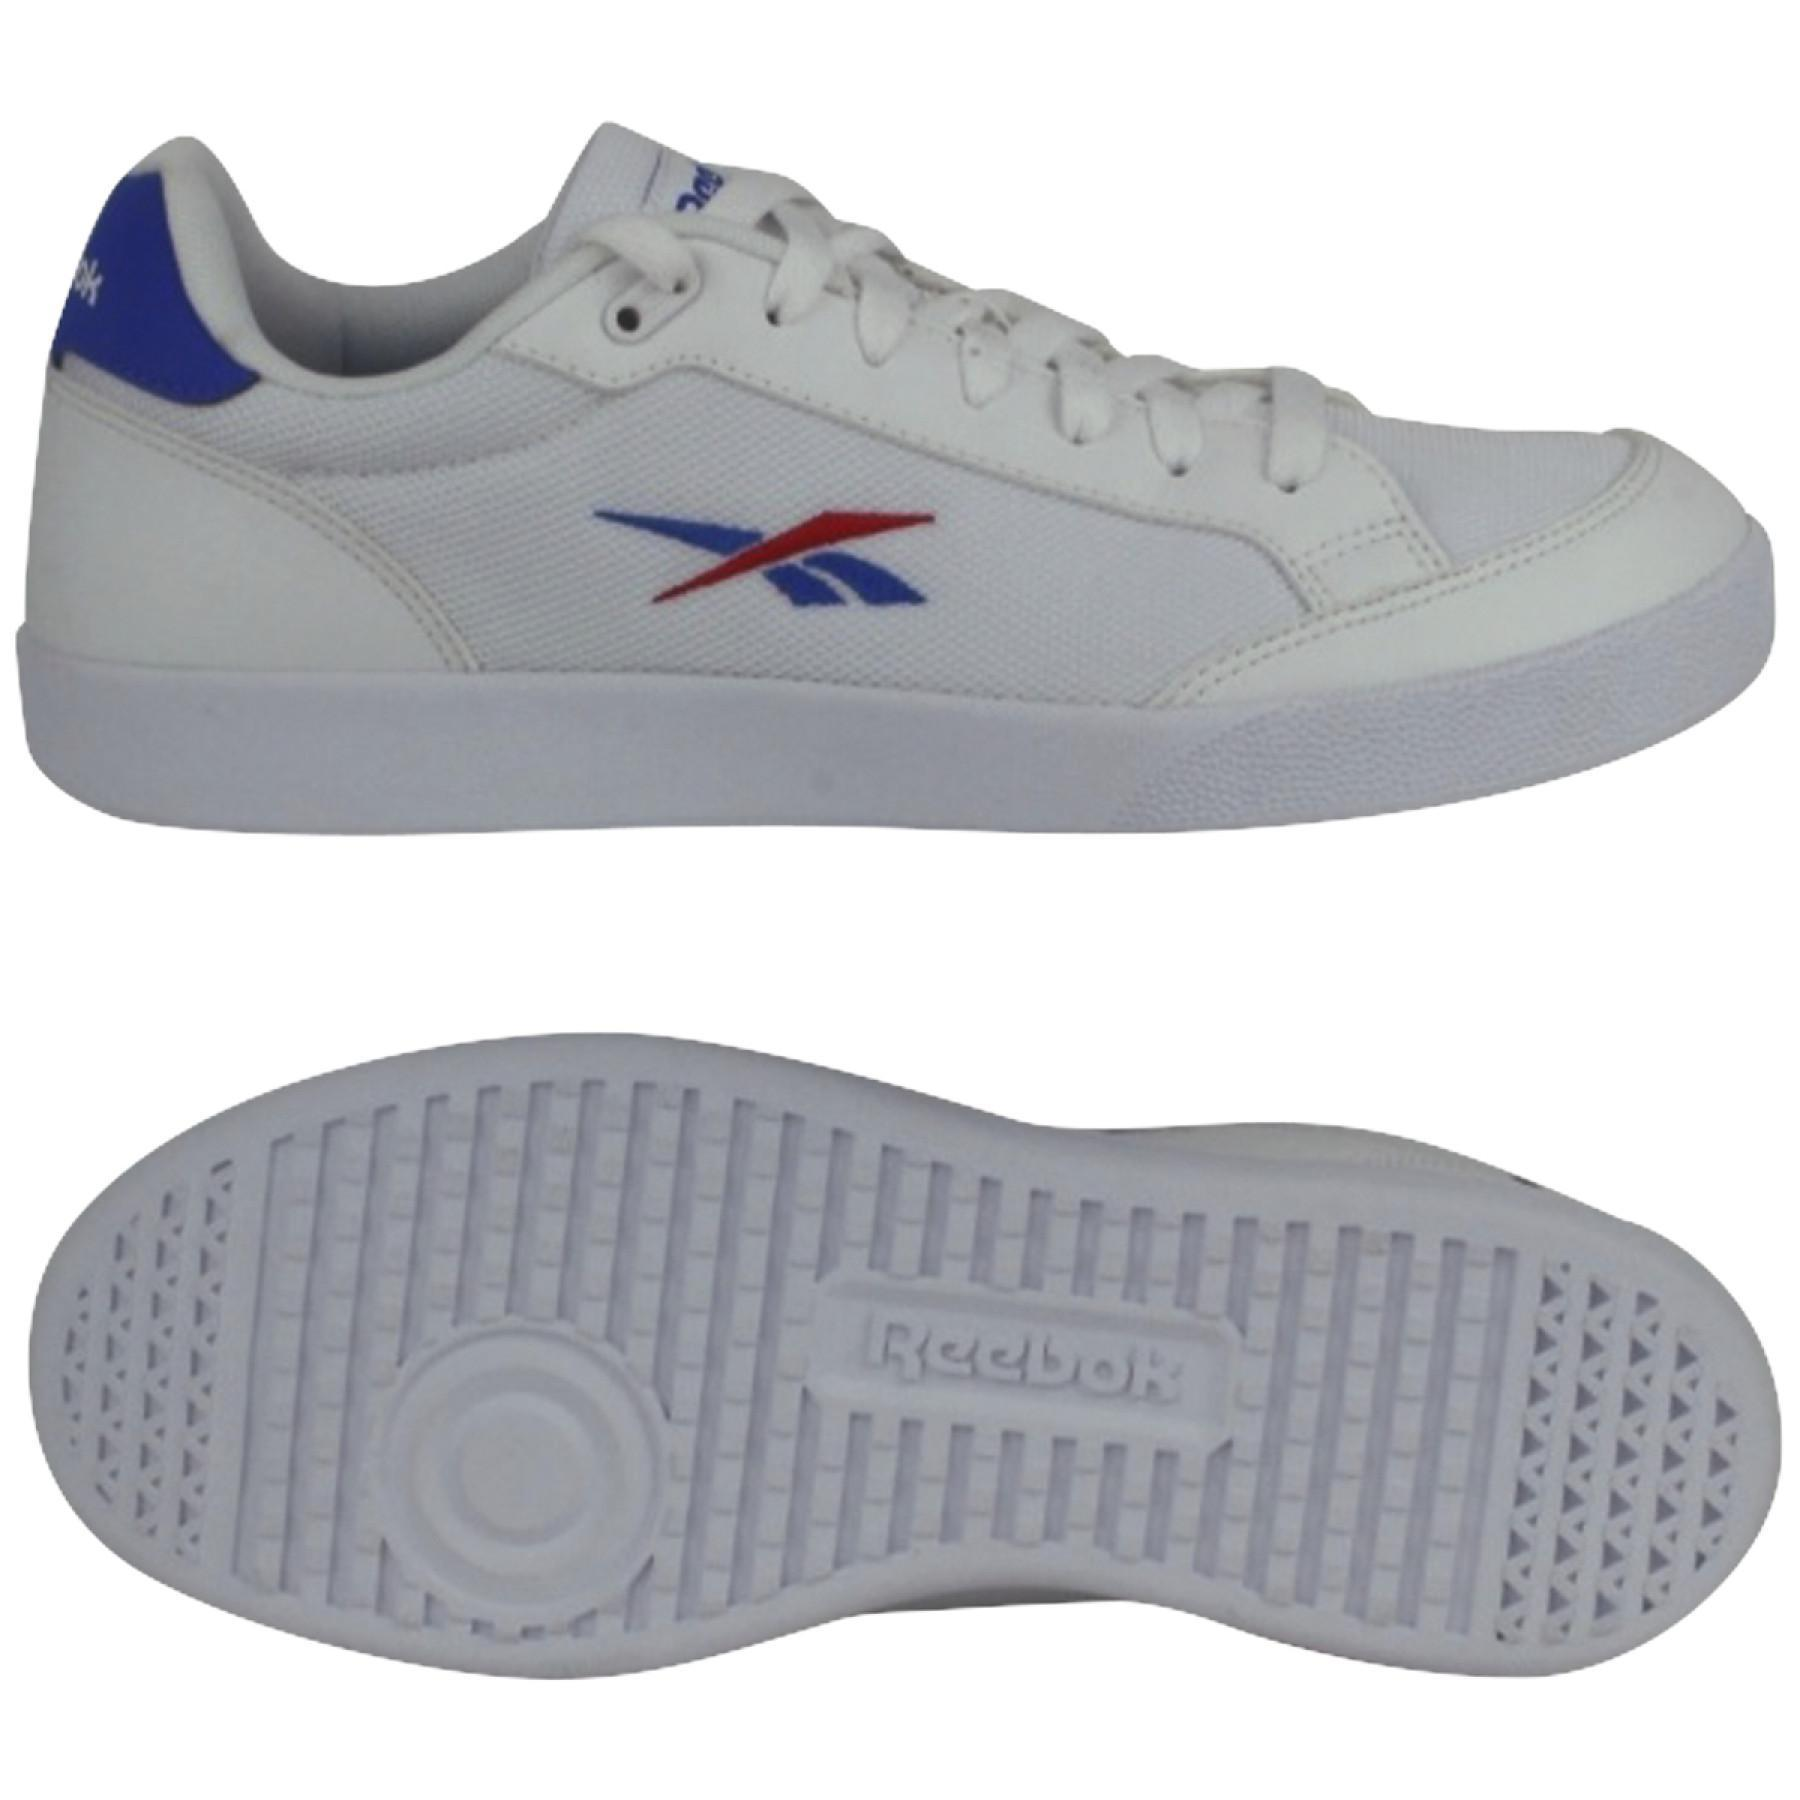 Reebok Classics Vector Smash Shoes